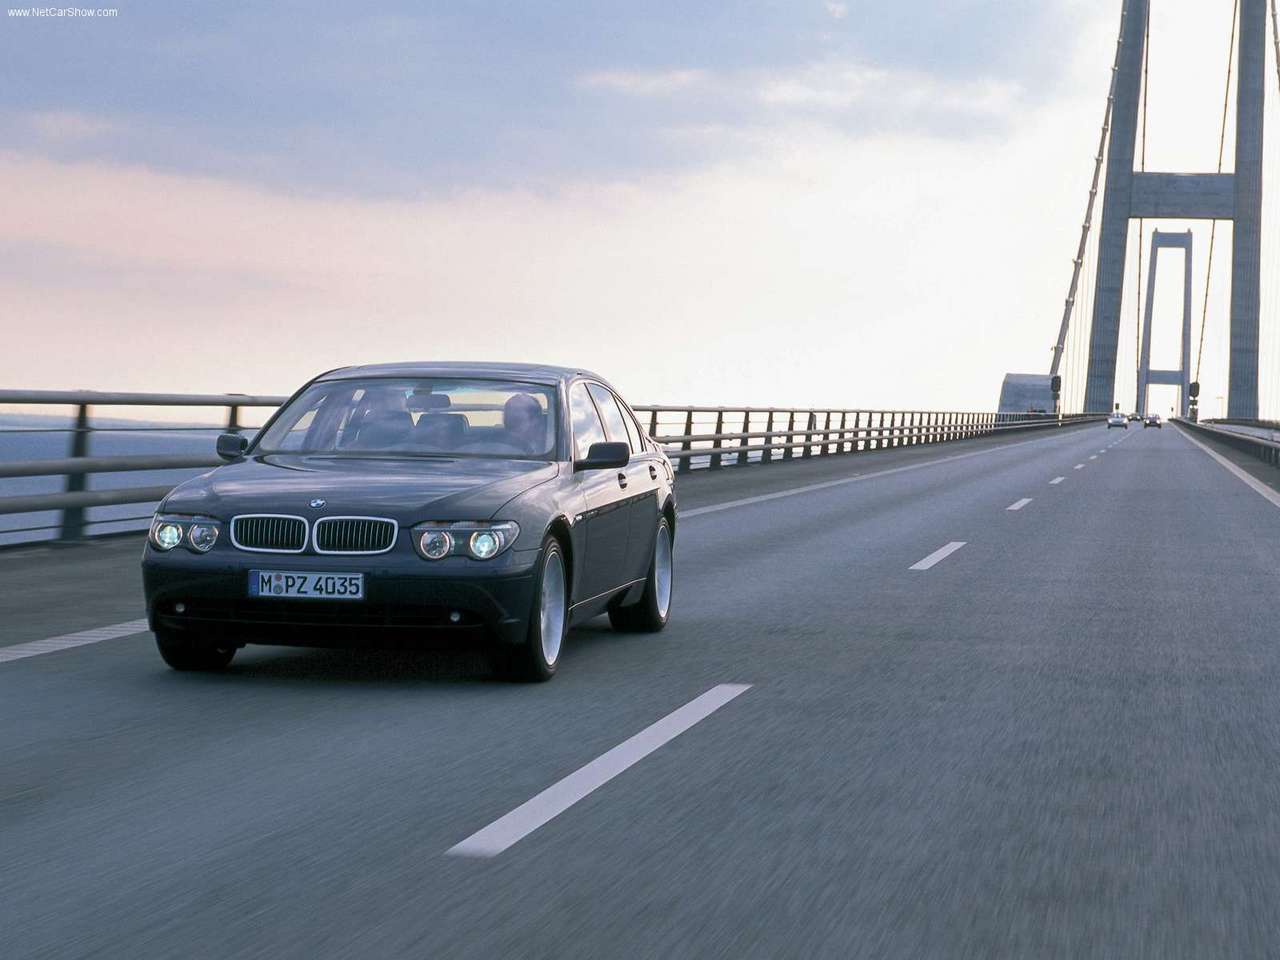 http://4.bp.blogspot.com/_xhqjRo6NERQ/S68ecJ6O6AI/AAAAAAAAGZ0/nwZxqw2fbjU/s1600/BMW-740d_2002_1280x960_wallpaper_01.jpg